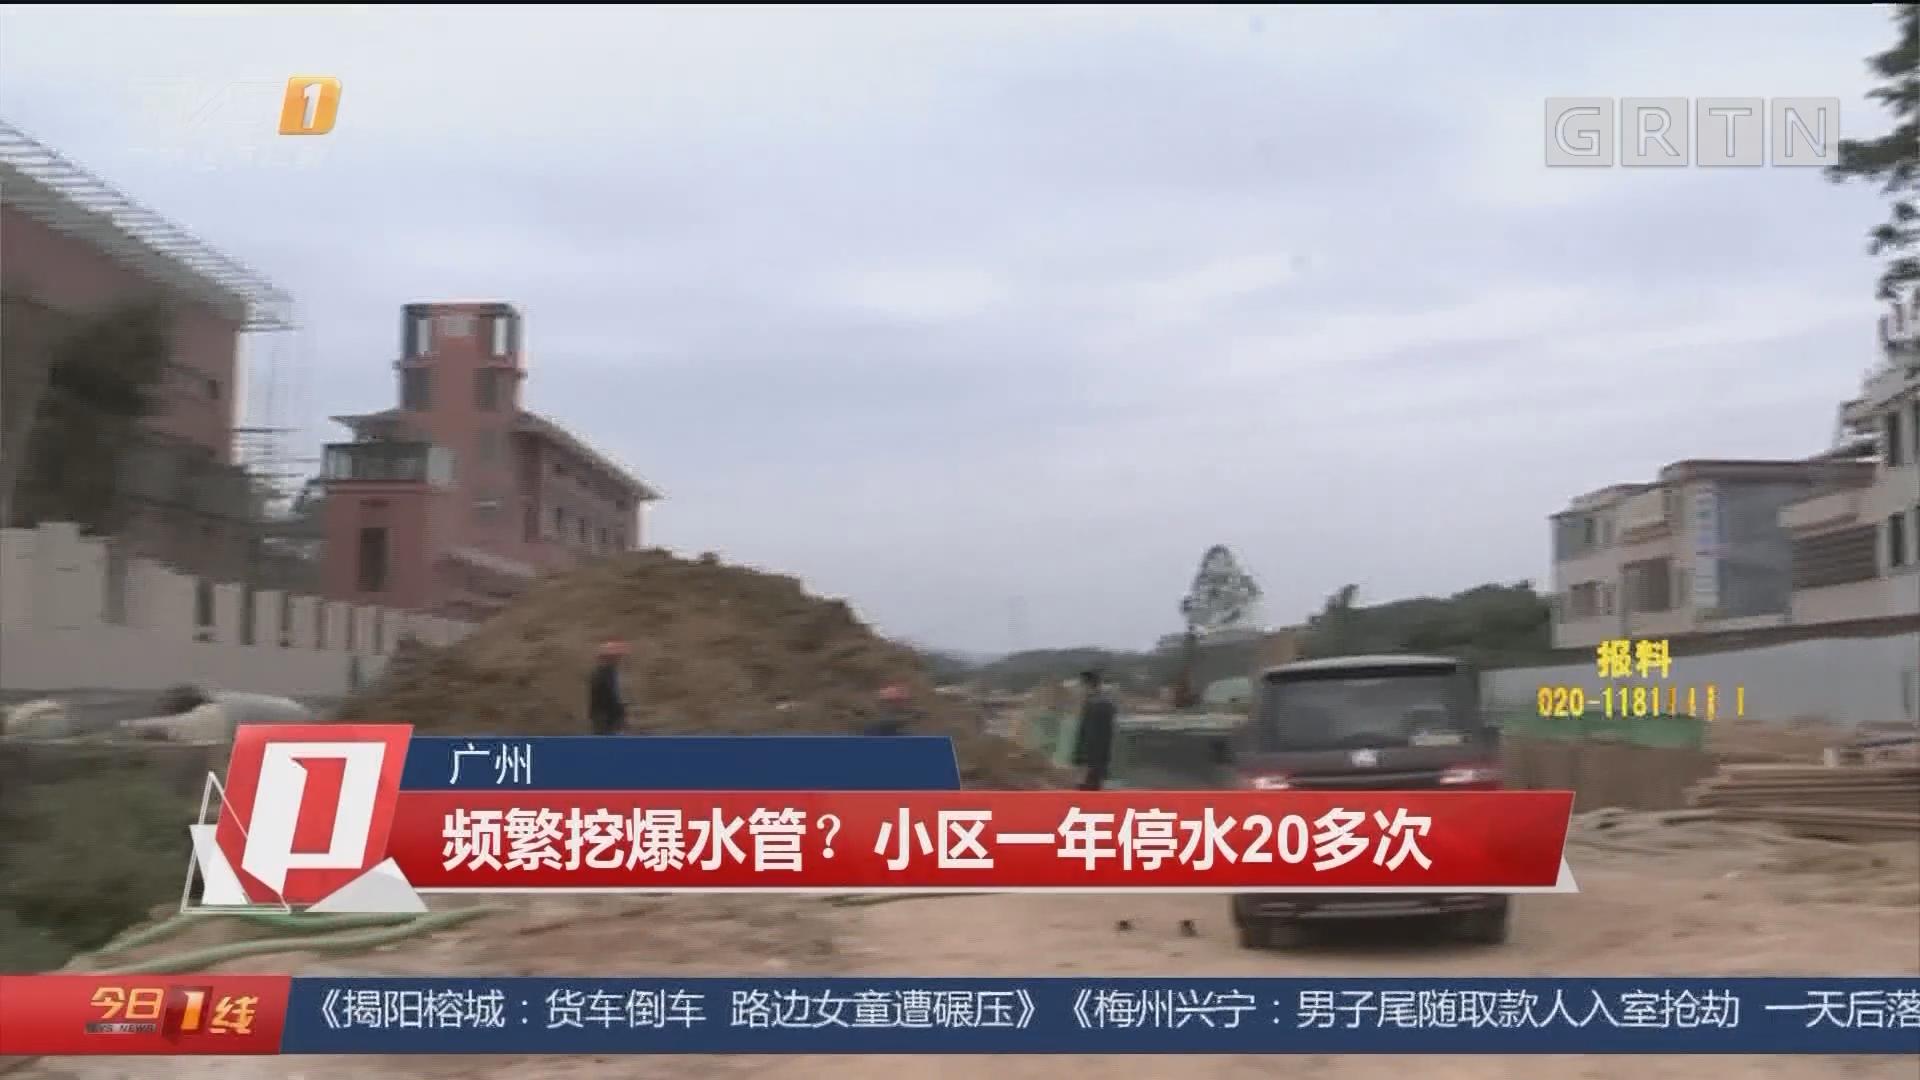 广州 频繁挖爆水管?小区一年停水20多次